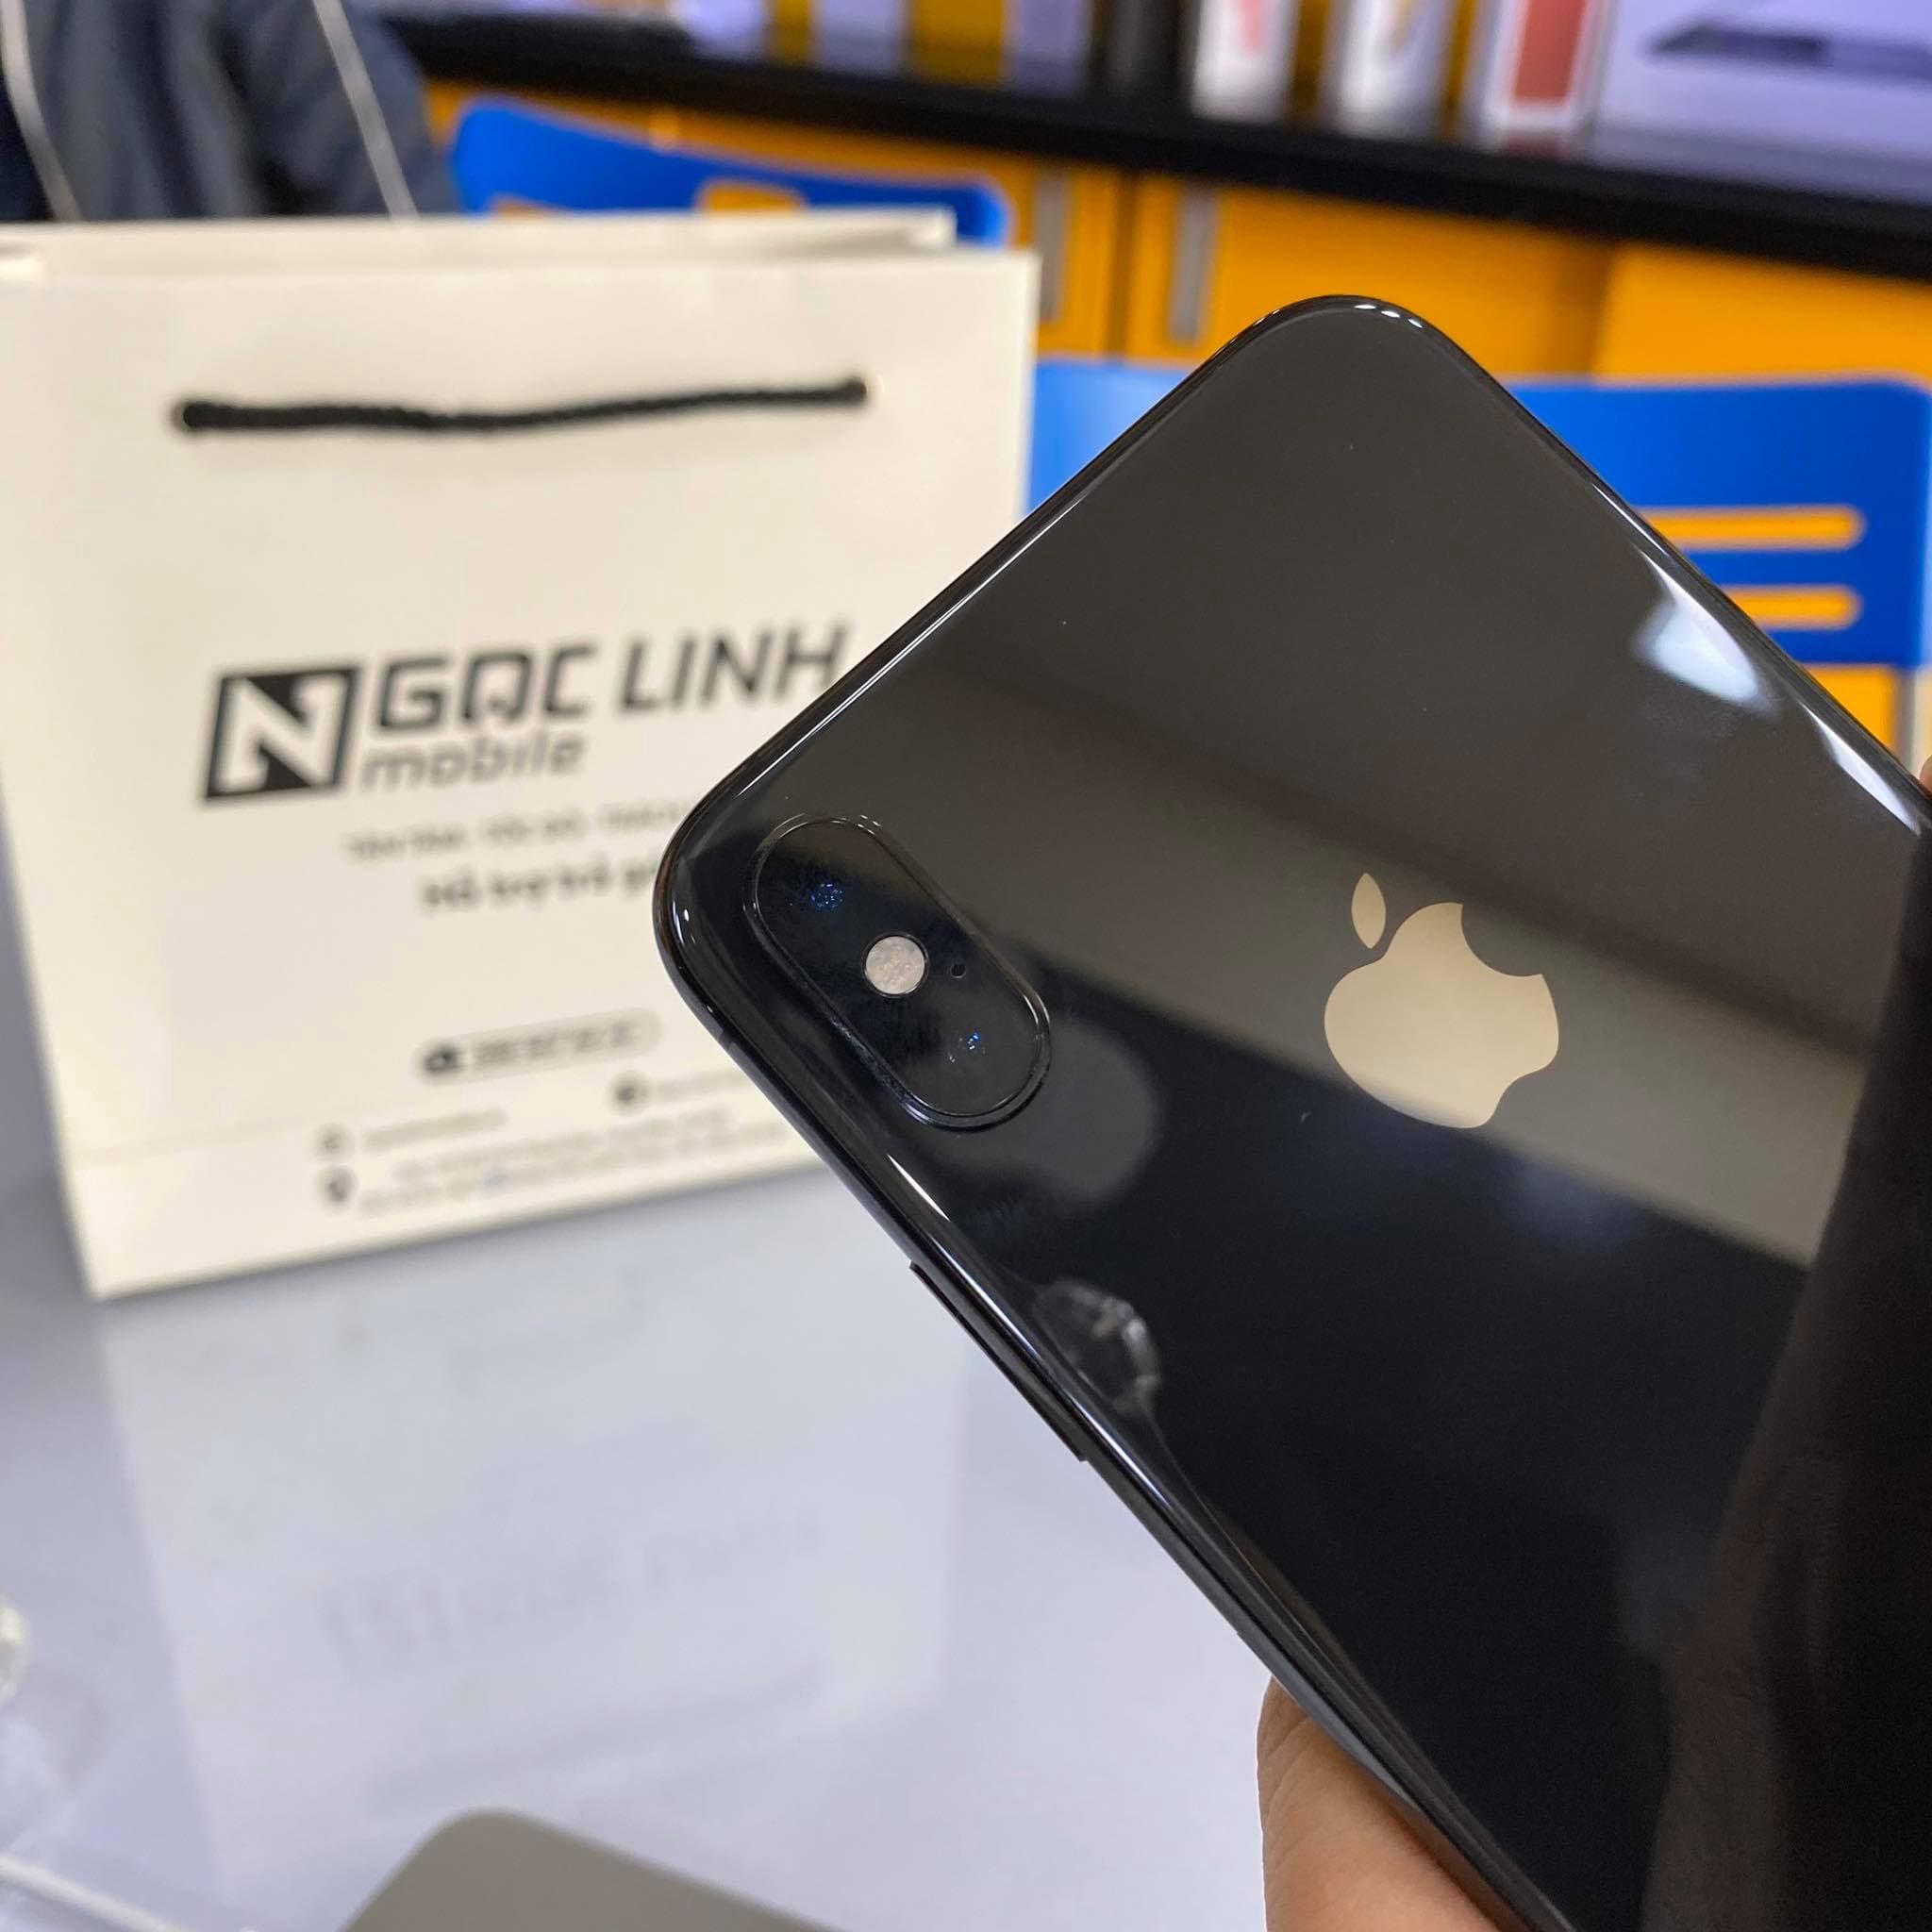 iPhone Xs iPhone Xs - Tại sao nhiều người dùng lựa chọn iPhone Xs thay vì iPhone X?